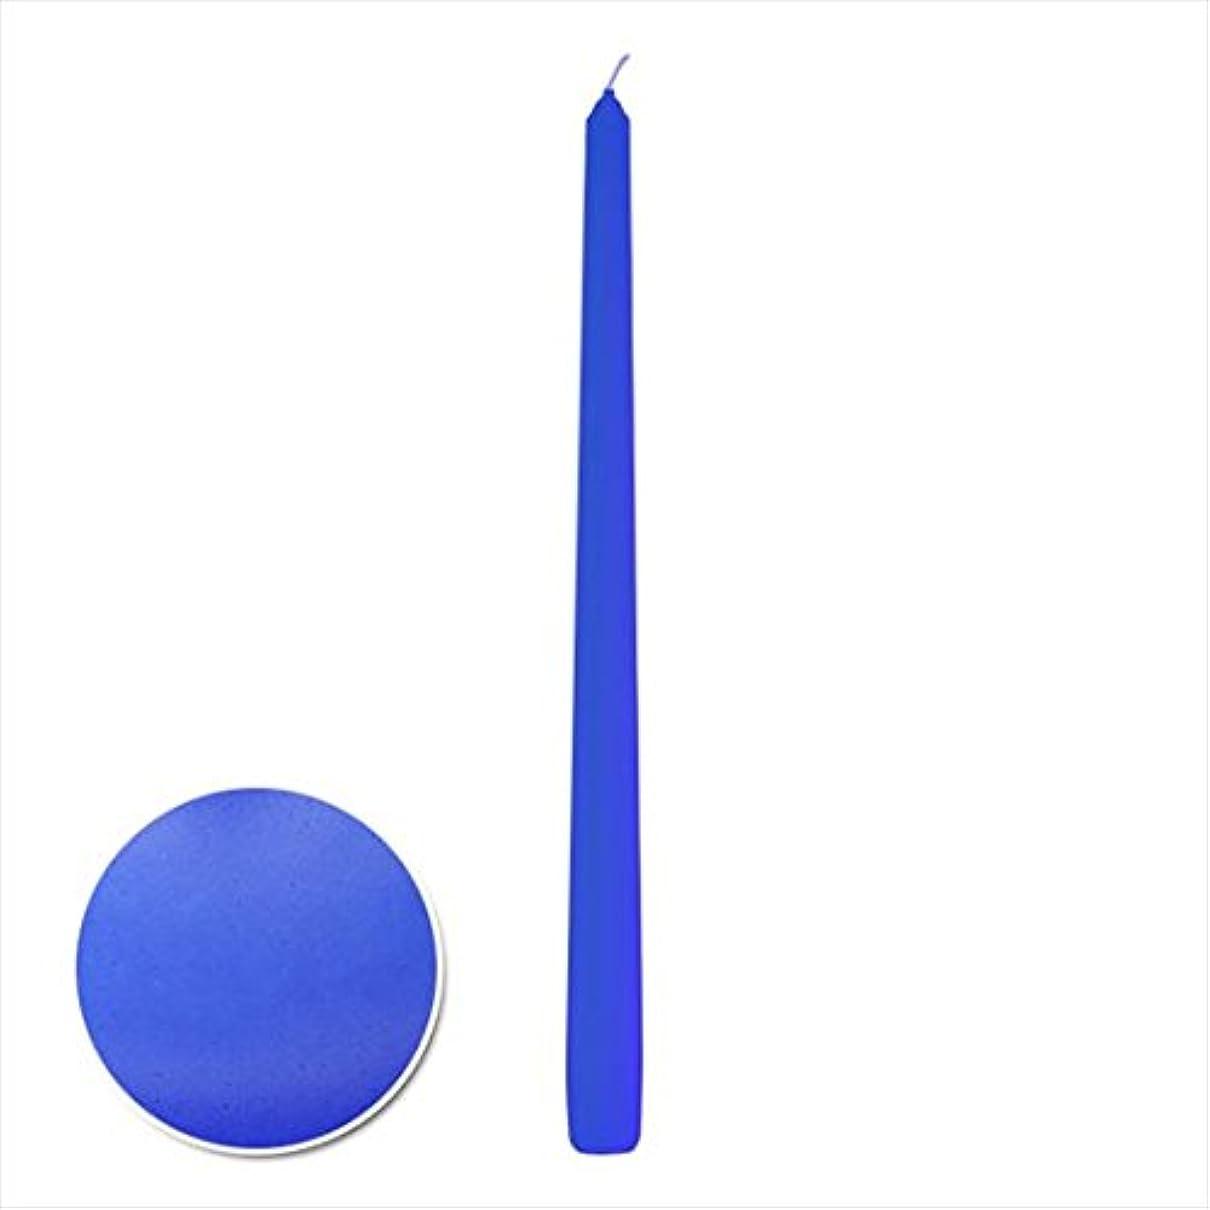 解明バンド対処カメヤマキャンドル( kameyama candle ) 12インチテーパー 「 コバルトブルー 」 12本入り